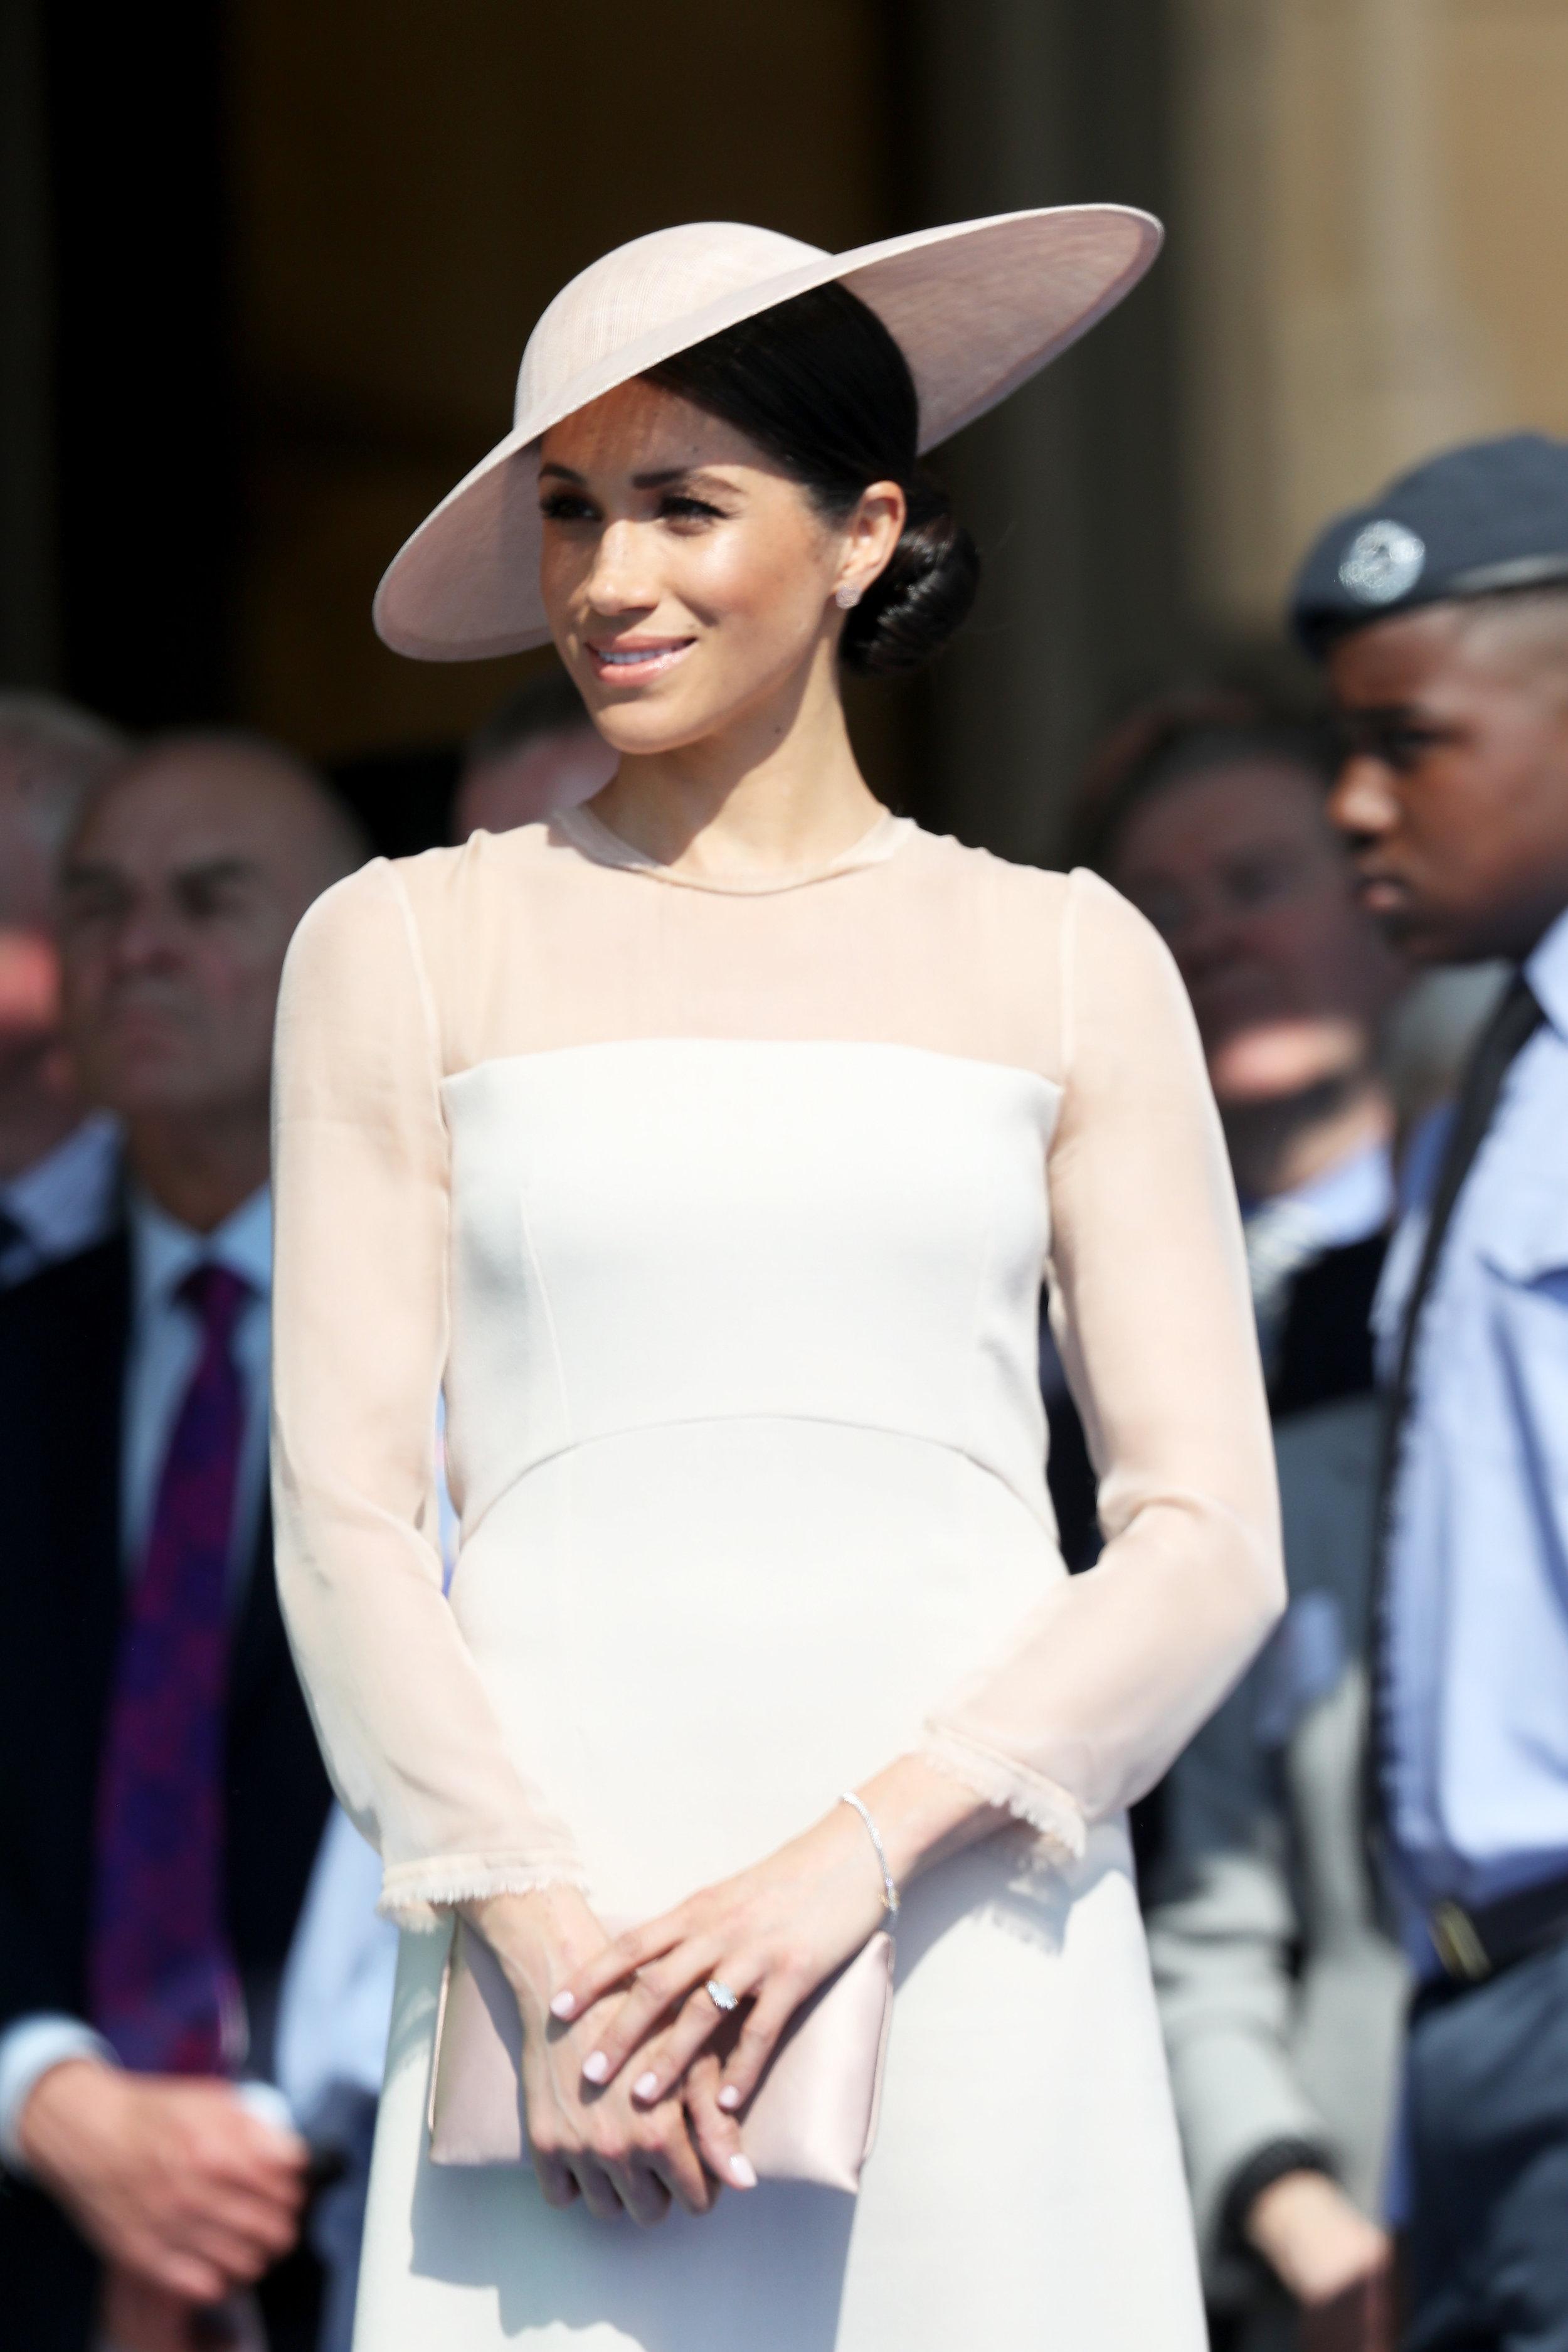 Elegant wie immer. Herzogin Meghan besucht die Geburtstagsfeier ihres Schwiegervaters.  ©Getty Images